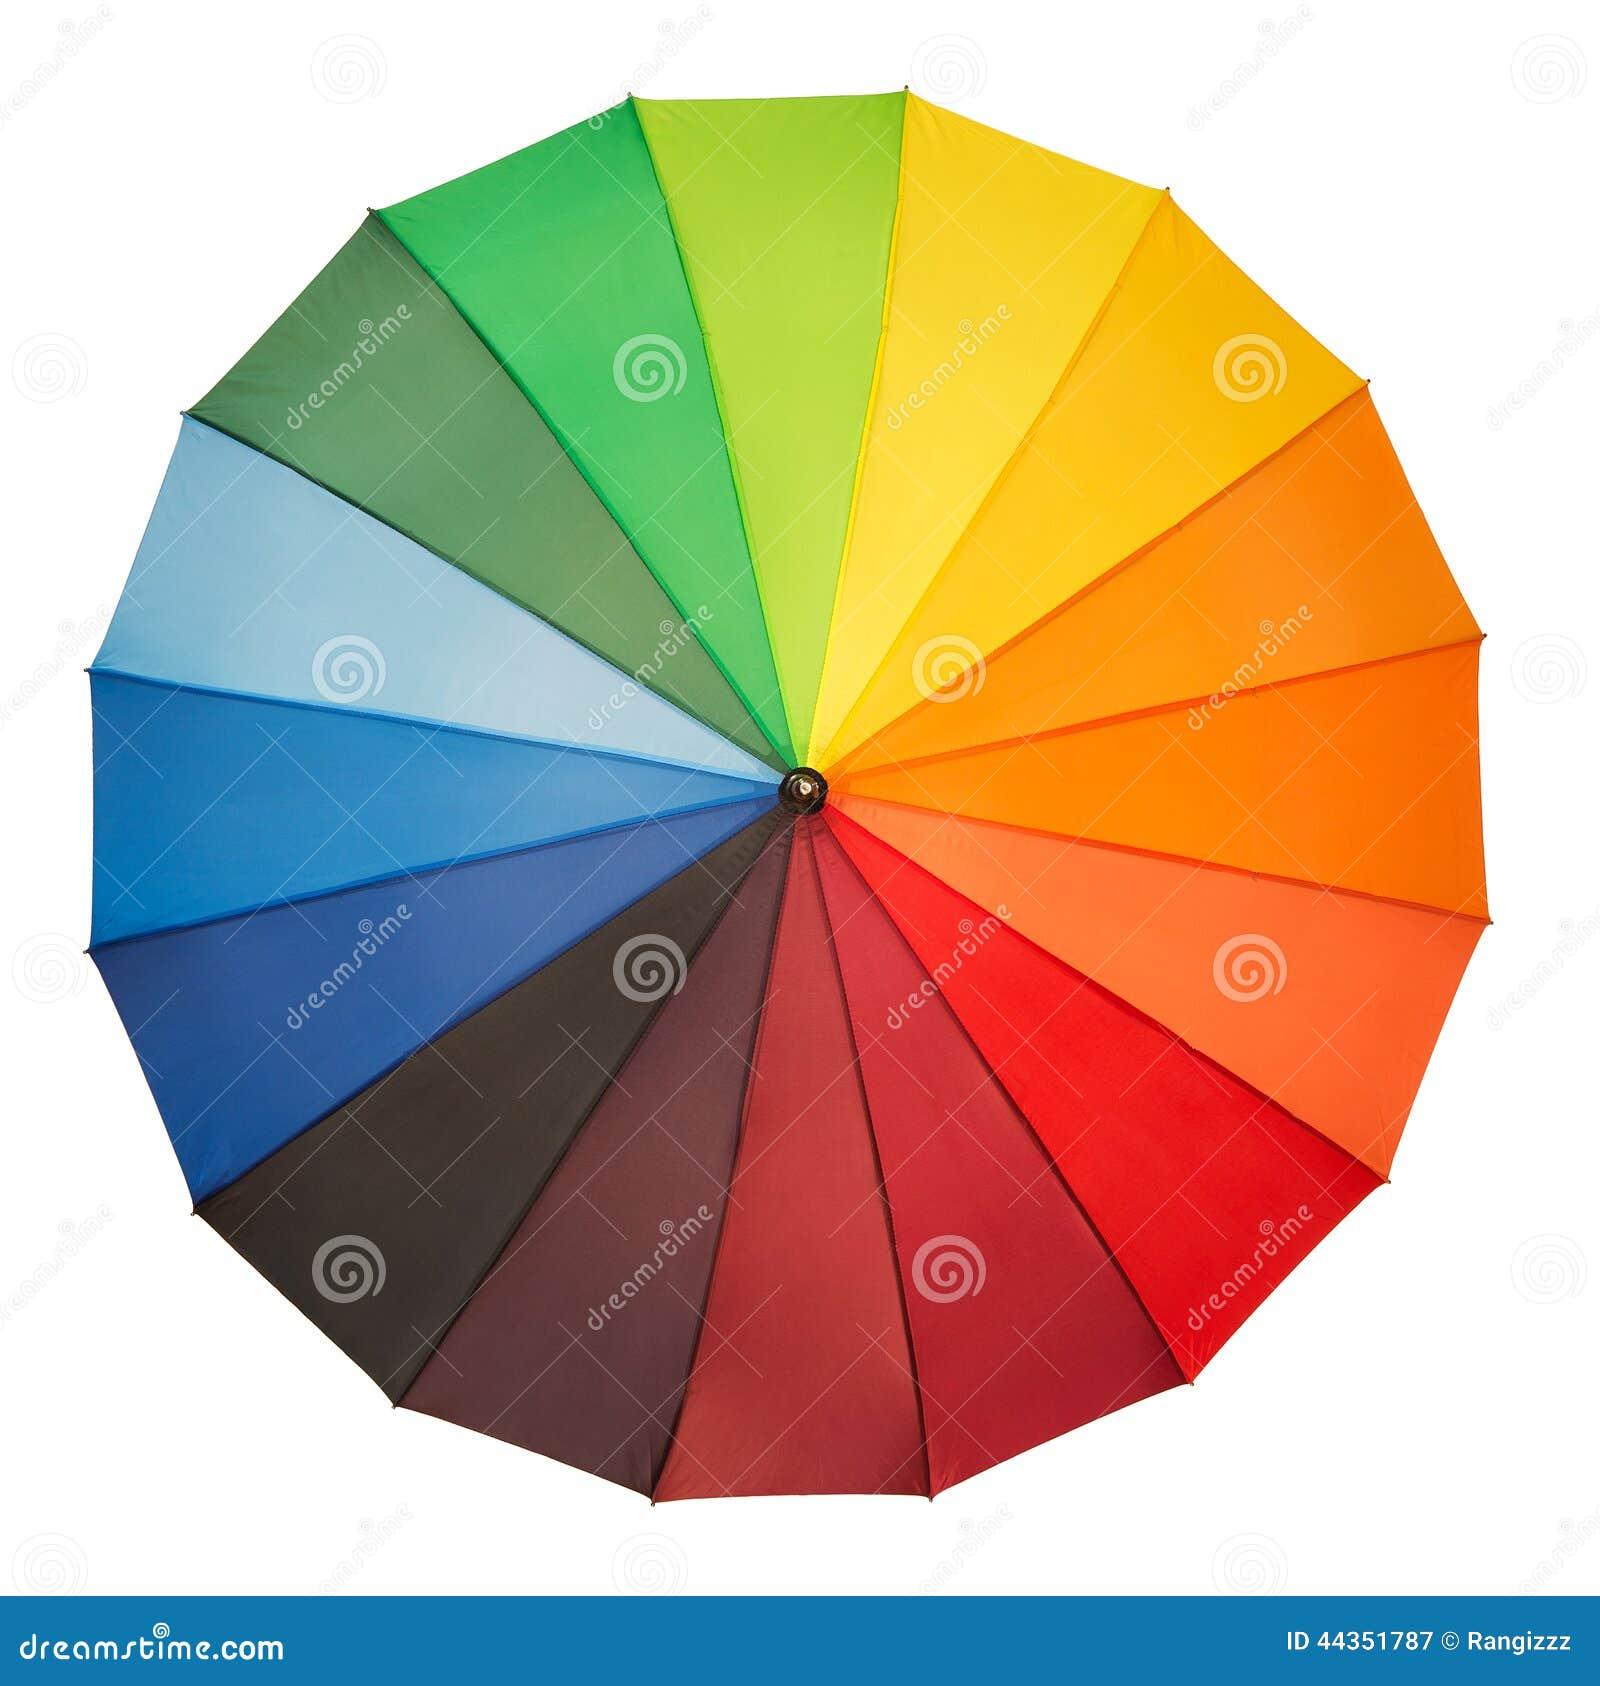 parapluie color - Parapluie Color